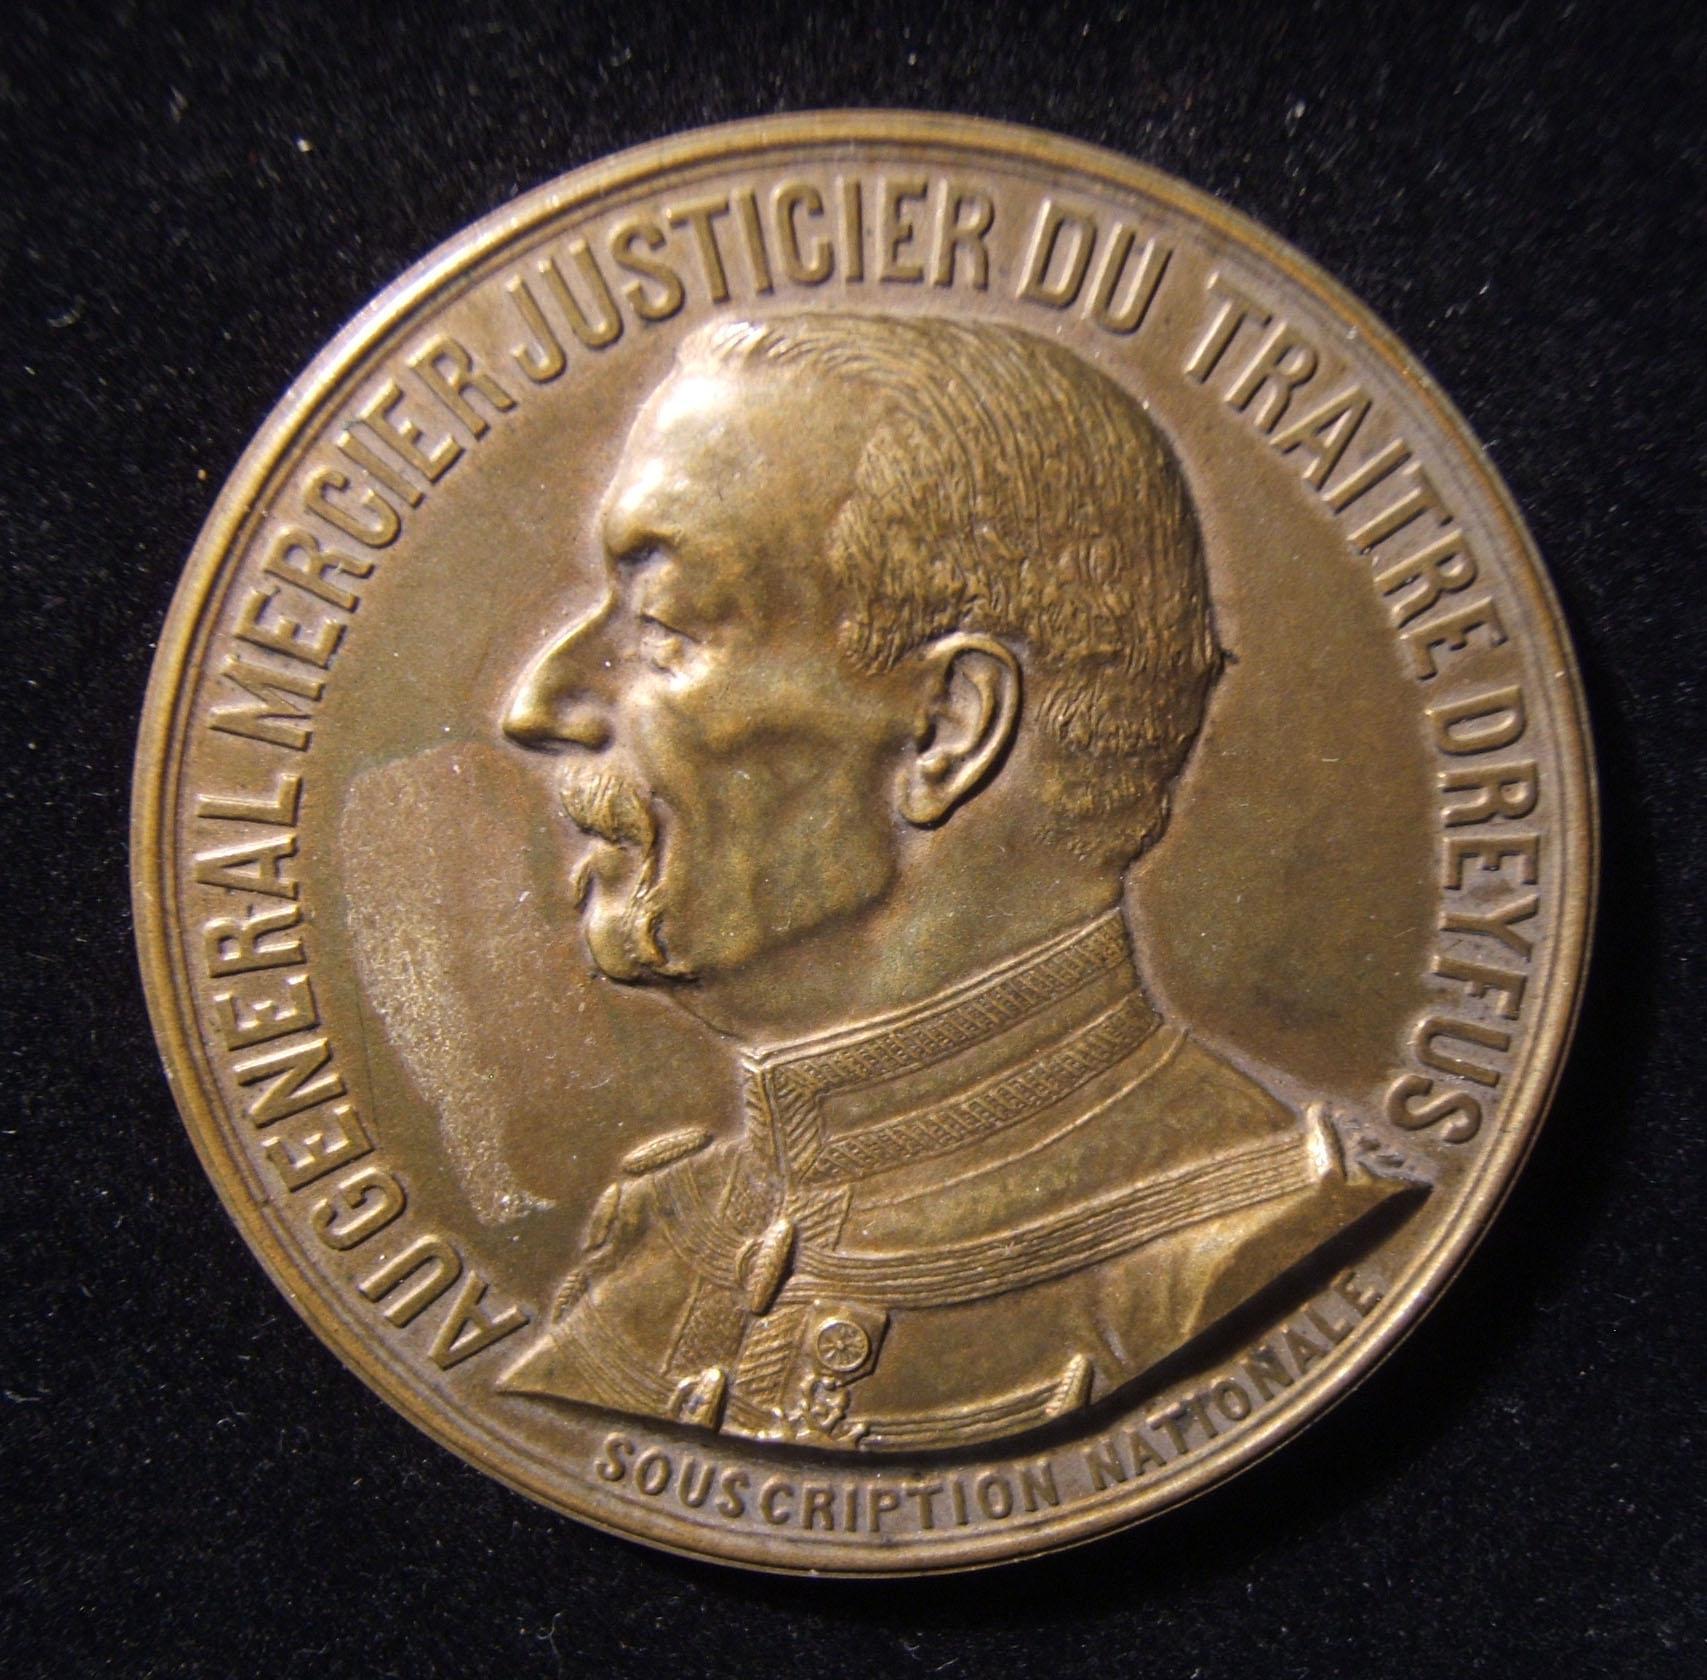 الفرنسي أوغست مرسييه قاضي من خائن دريفوس معاداة اليهود في الميدالية ، 1906